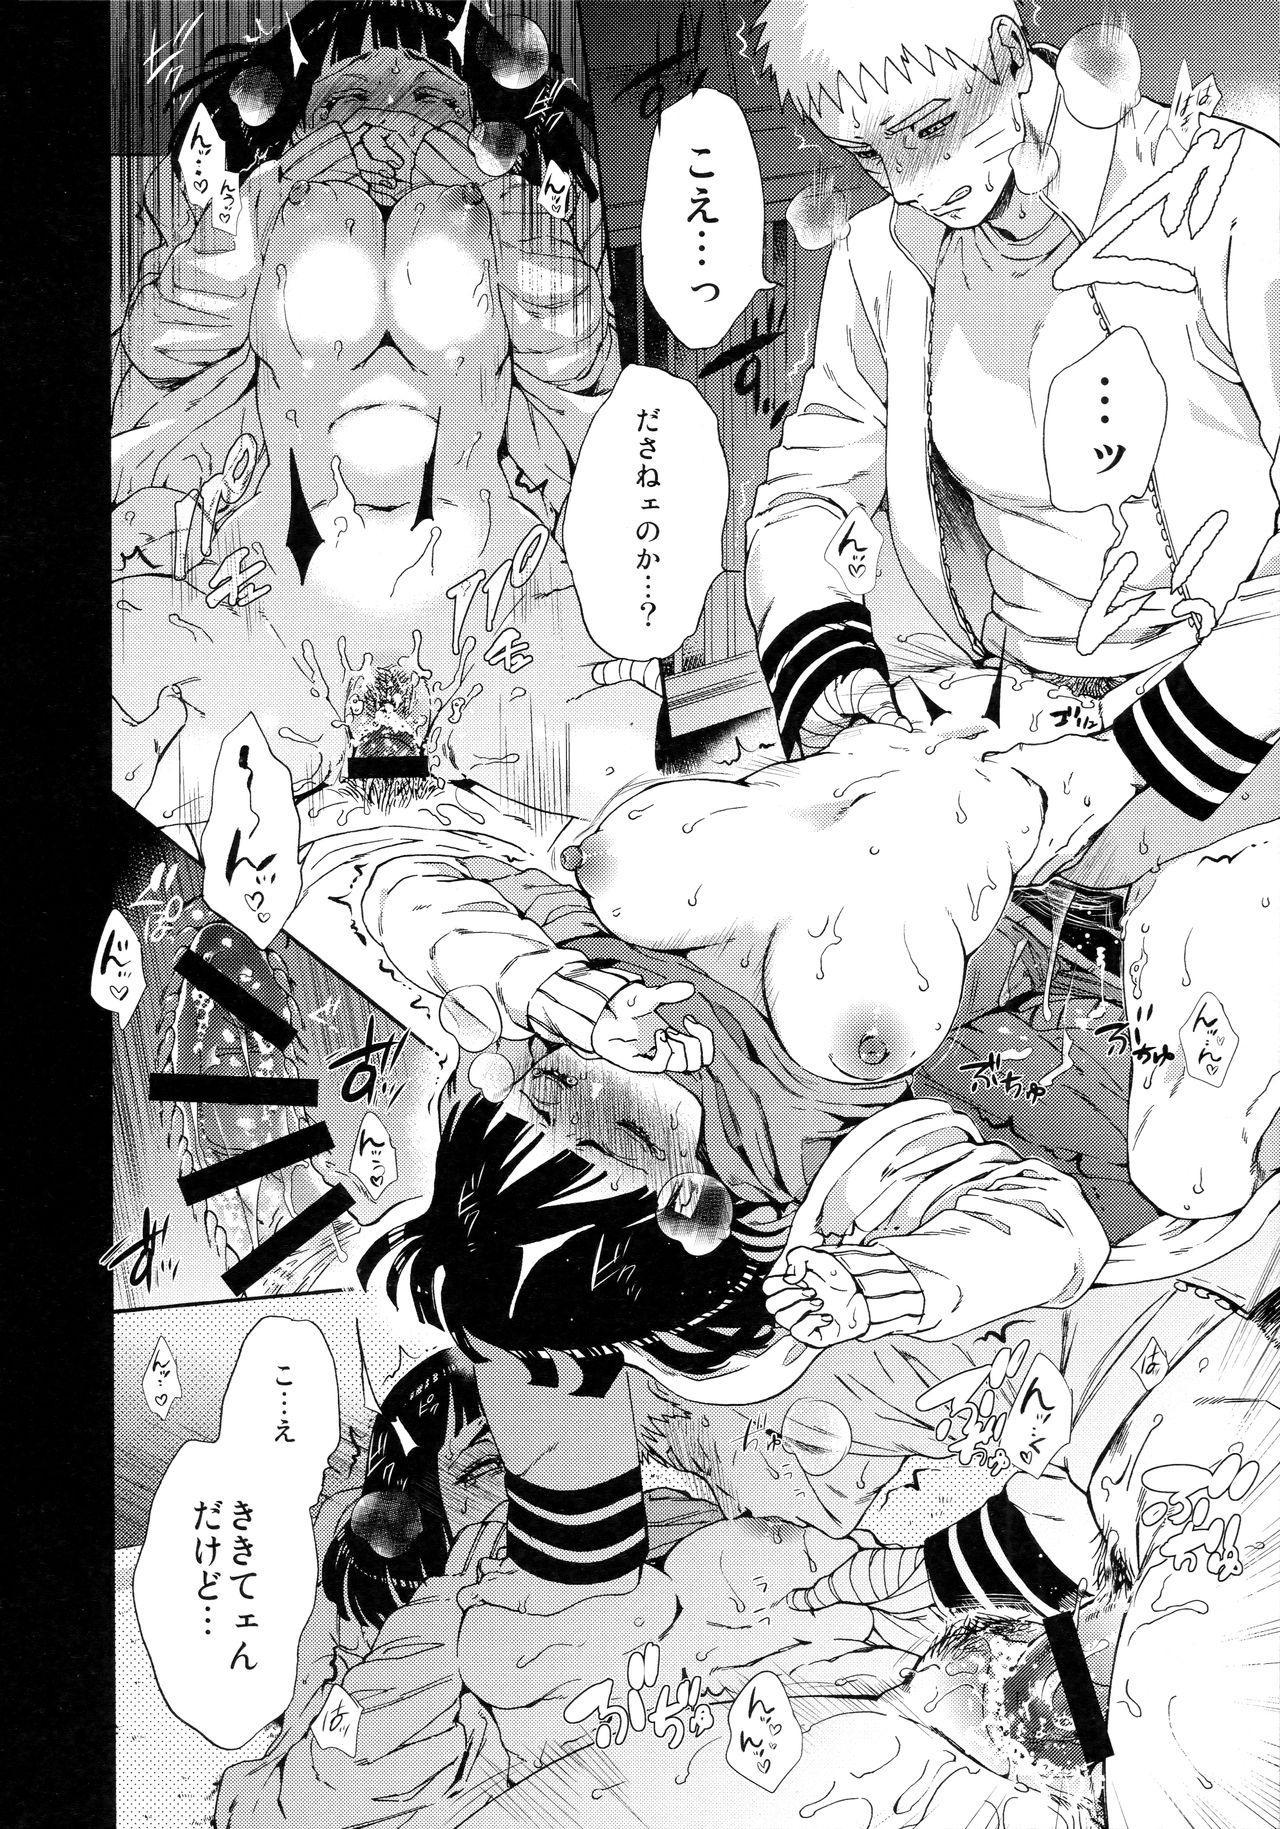 Yoru no Hanashi - Night Story 4